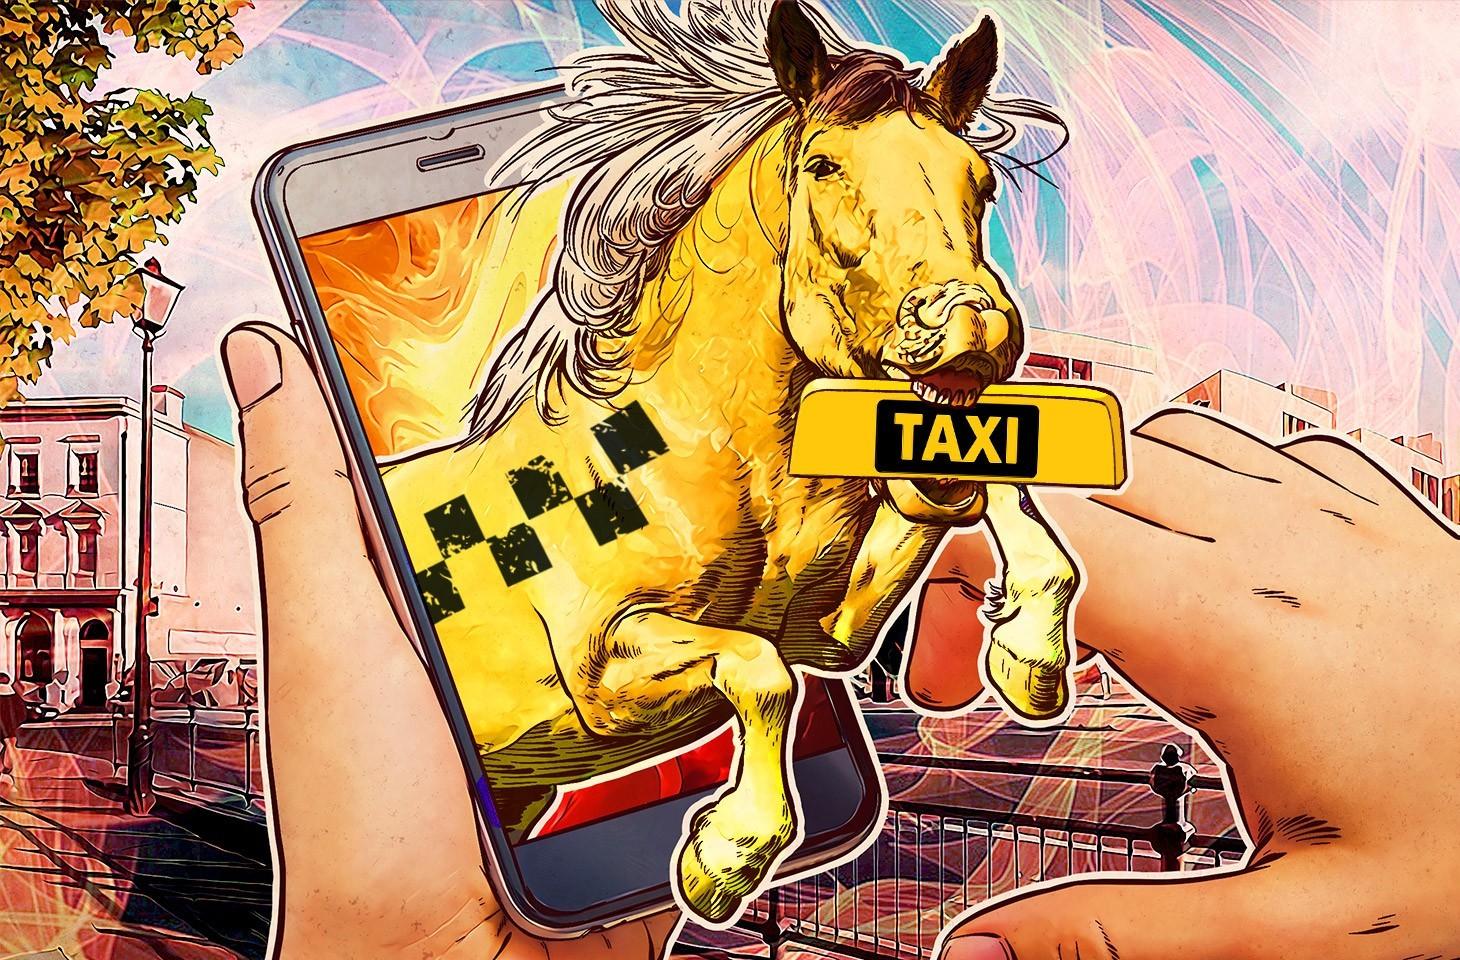 kaspersky les chevaux de troie sur les applications de reservation de taxi font leur arrivee - Kaspersky: Les chevaux de Troie sur les applications de réservation de taxi font leur arrivée